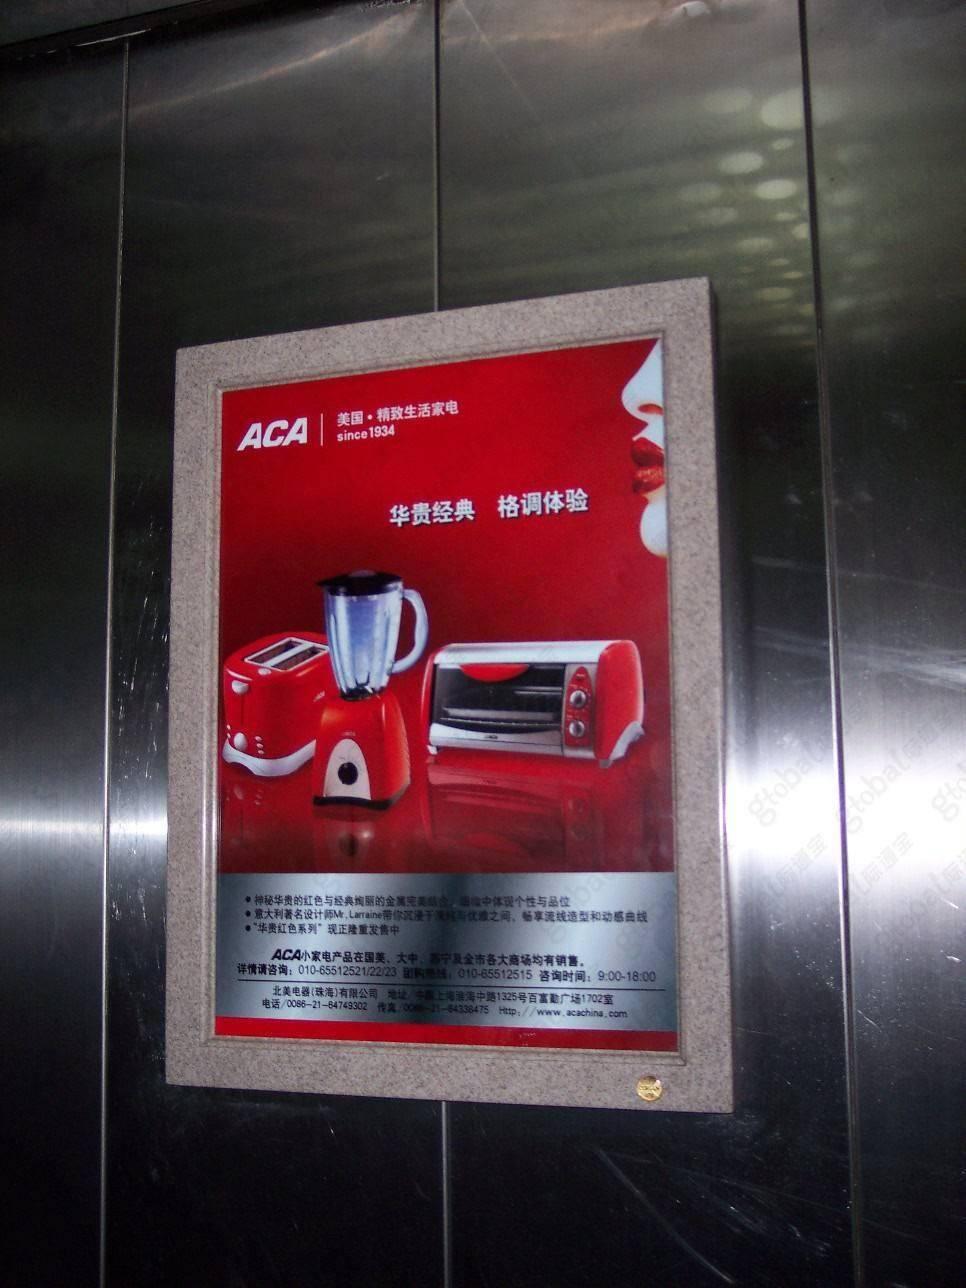 普兰店区电梯广告公司广告牌框架3.0投放(100框起投)